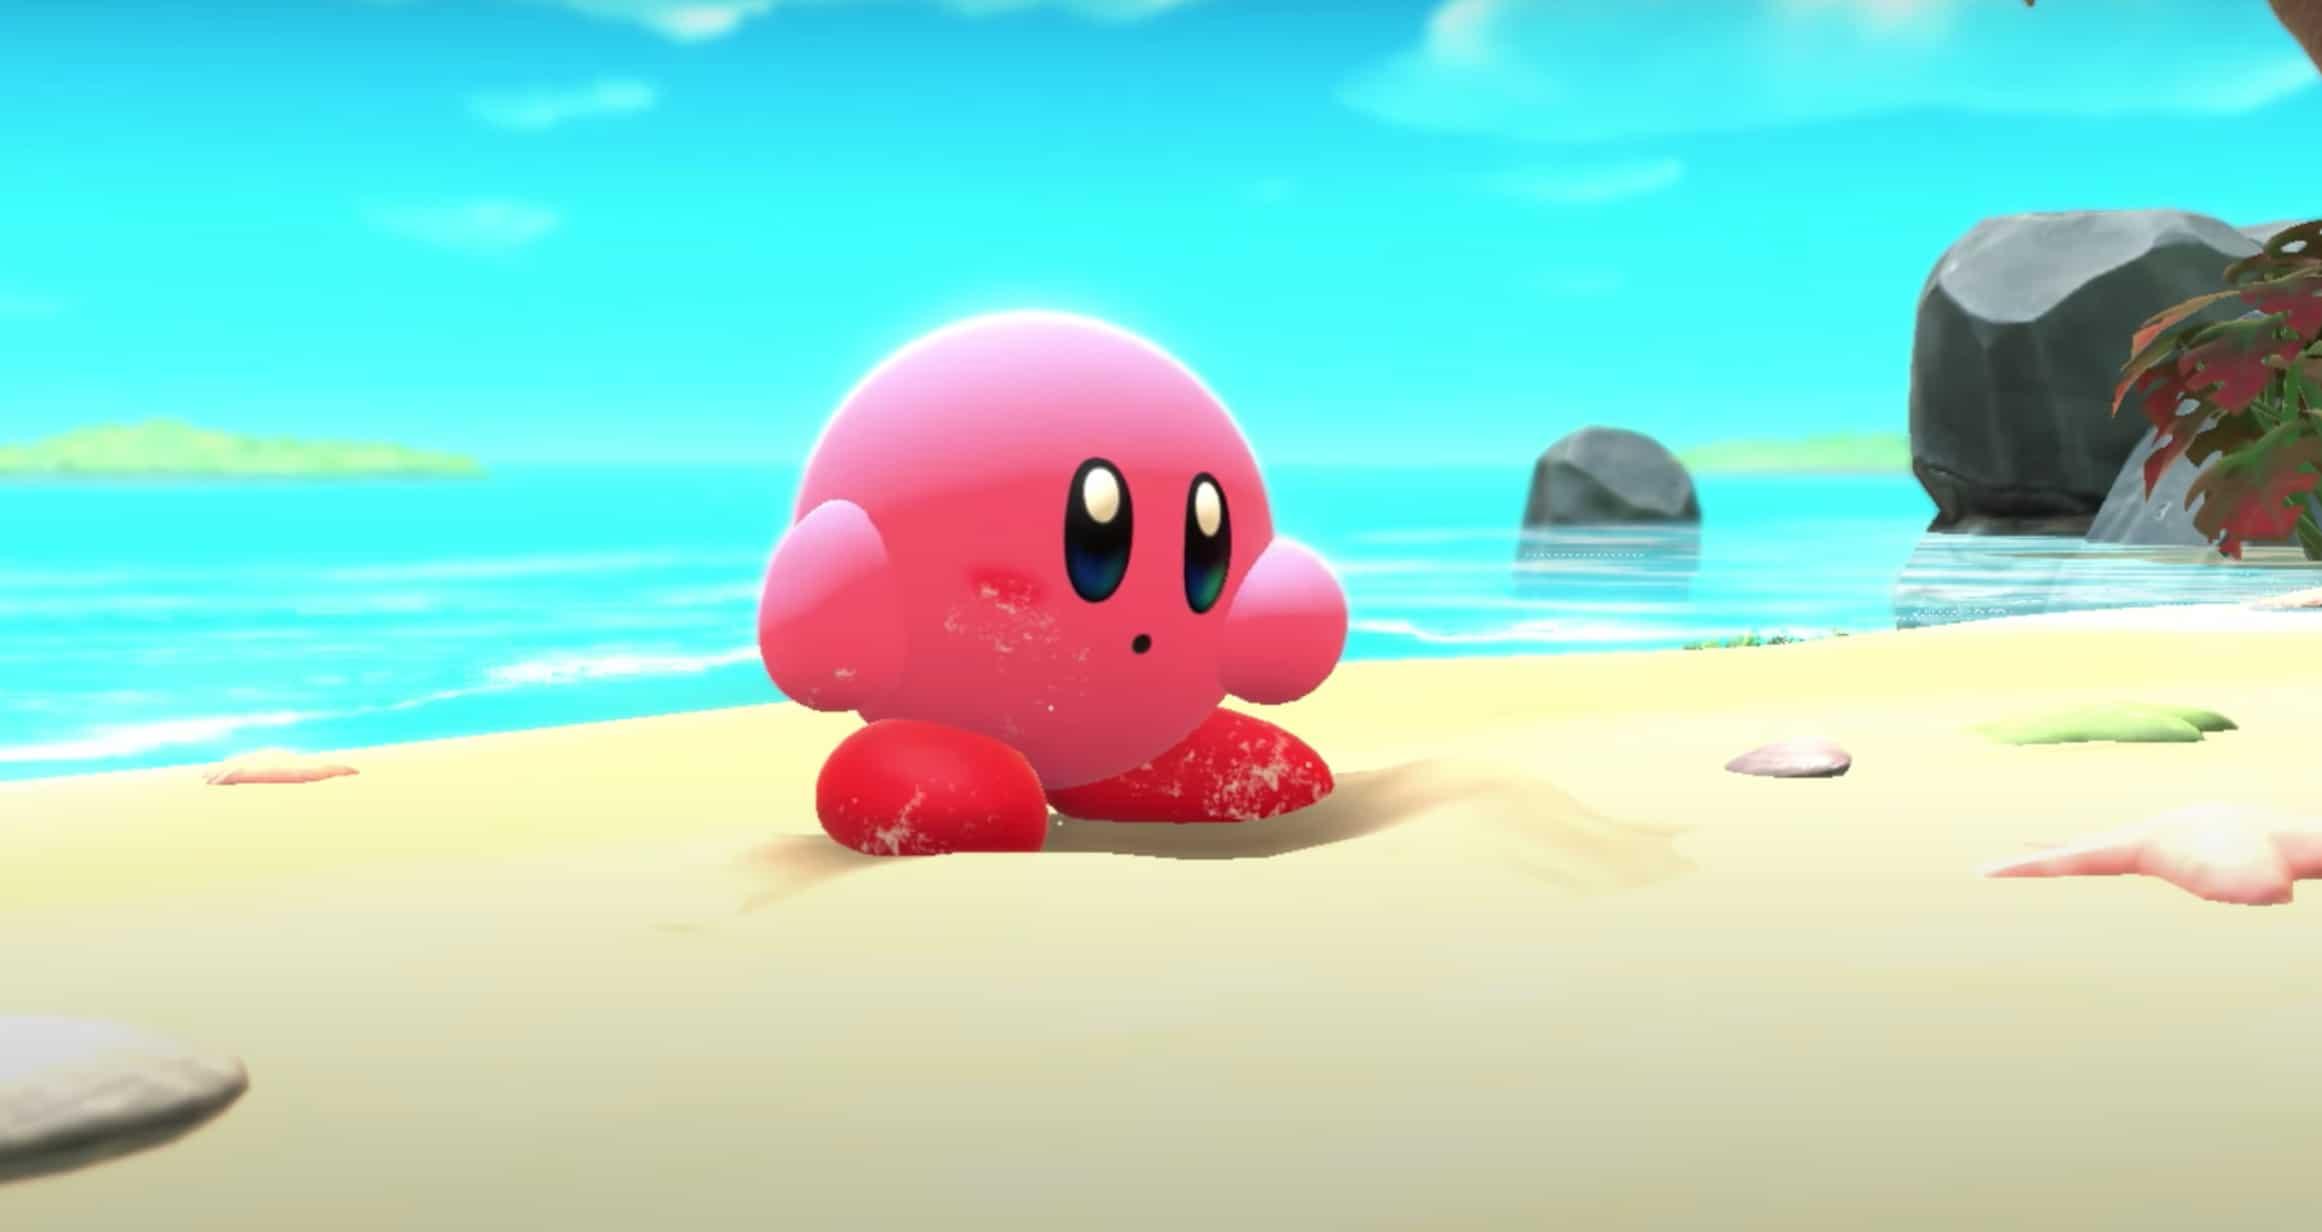 James Turner, diseñador de Pokémon, comparte este arte de Kirby y la tierra olvidada